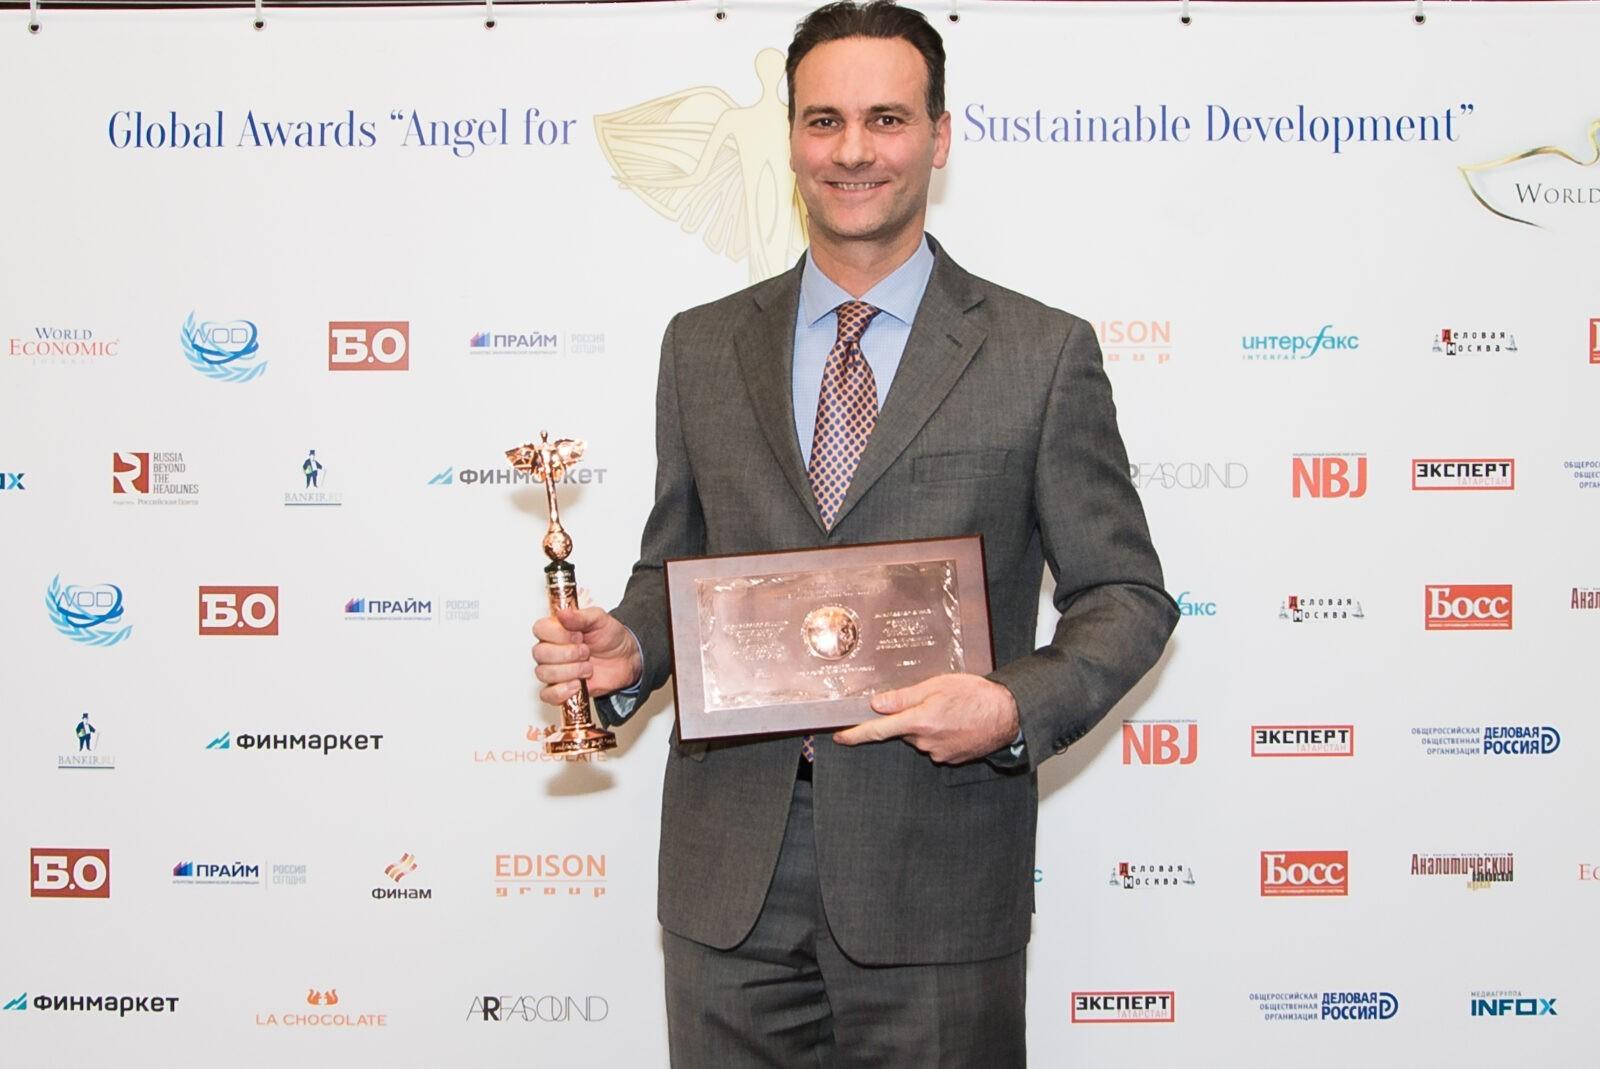 World Organization for Development подвела итоги Международной Премии «Инвестиционный Ангел»